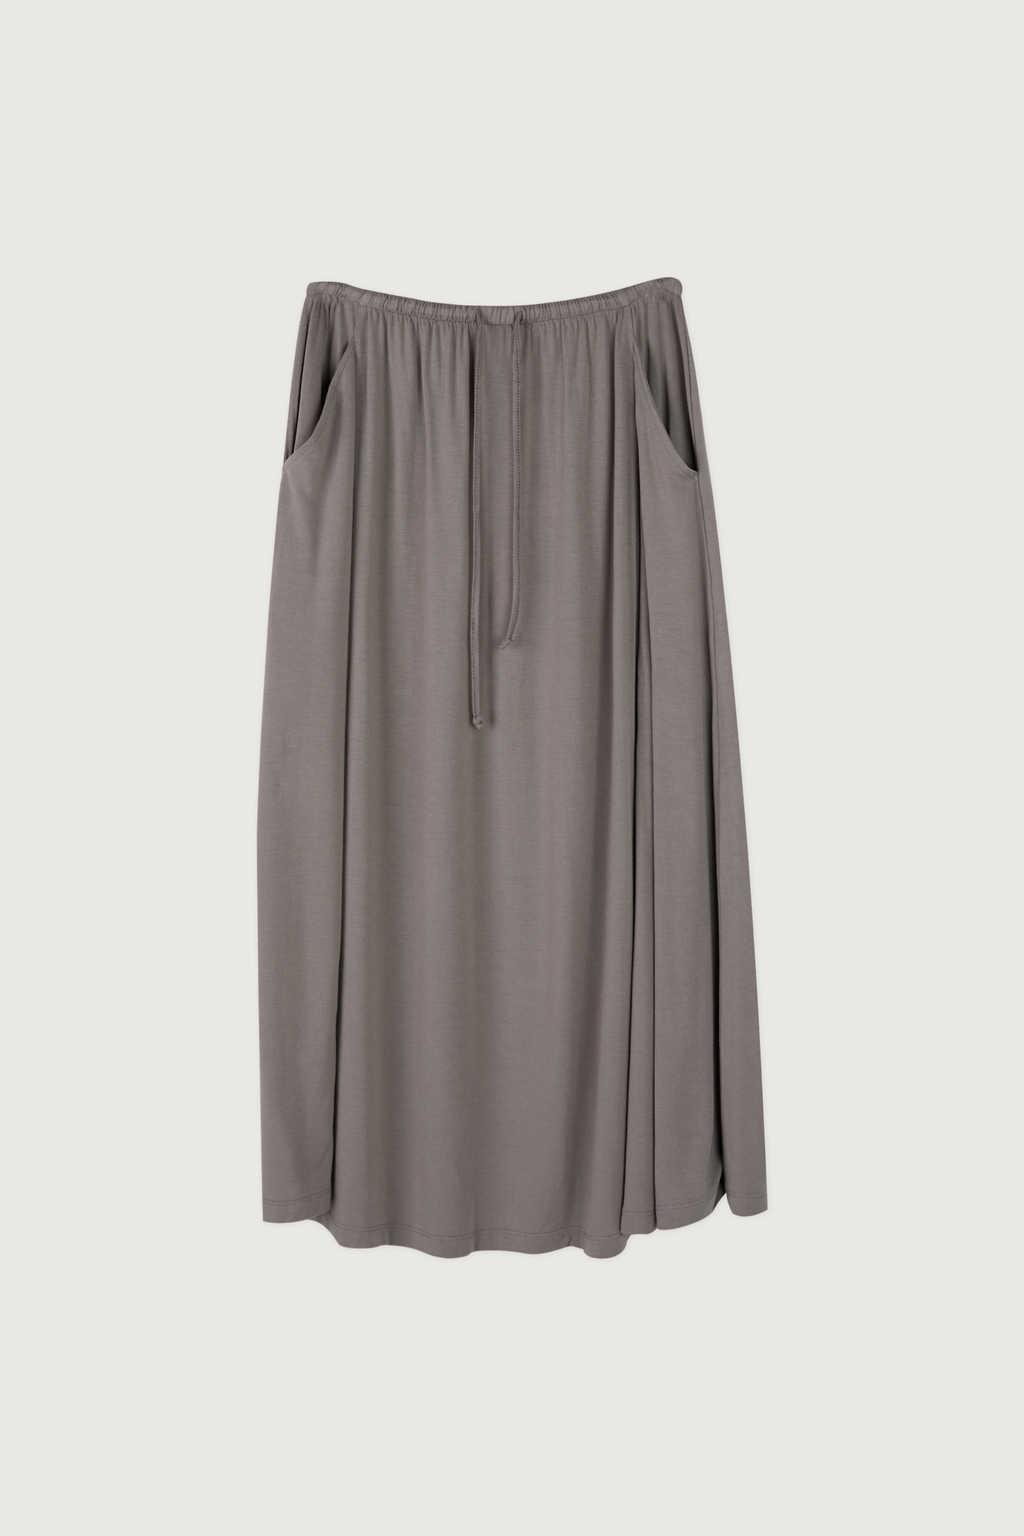 Skirt 3218 Gray 5